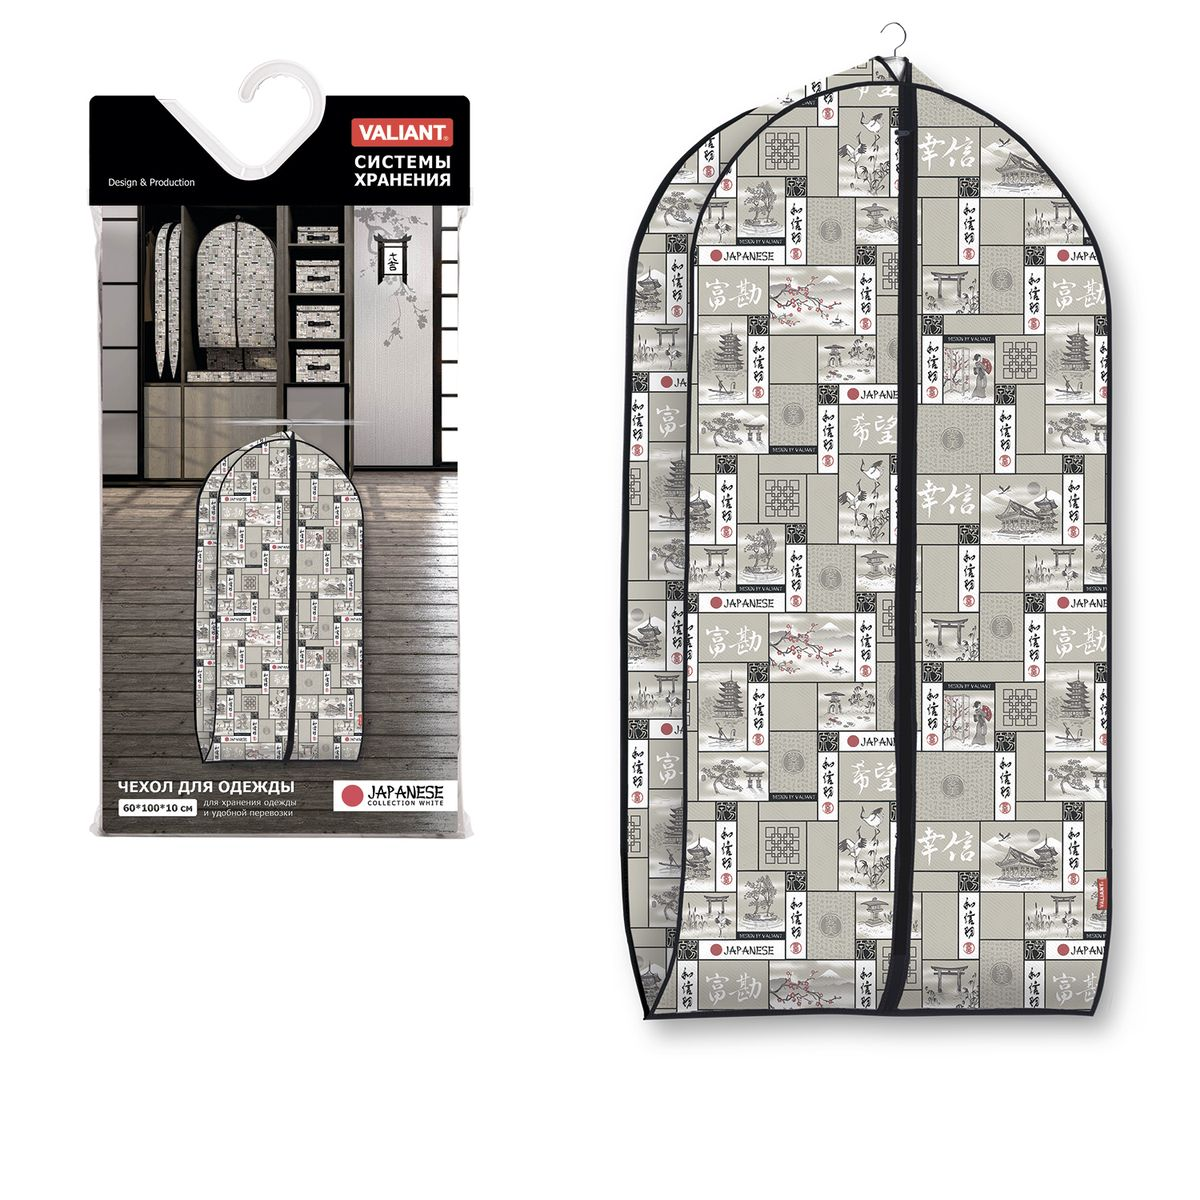 Чехол для одежды Valiant Japanese Black, объемный, 60 х 100 х 10 смJB-CV-100Чехол для одежды Valiant Japanese Black изготовлен из высококачественного нетканого материала (спанбонда), который обеспечивает естественную вентиляцию, позволяя воздуху проникать внутрь, но не пропускает пыль. Чехол очень удобен в использовании. Наличие боковой вставки увеличивает объем чехла, что позволяет хранить крупные объемные вещи. Чехол легко открывается и закрывается застежкой-молнией. Идеально подойдет для хранения одежды и удобной перевозки. Система хранения Japanese Black создаст трогательную атмосферу романтического настроения в женском гардеробе. Оригинальный дизайн придется по вкусу ценительницам эстетичного хранения. Системы хранения в едином дизайне сделают вашу гардеробную изысканной и невероятно стильной.